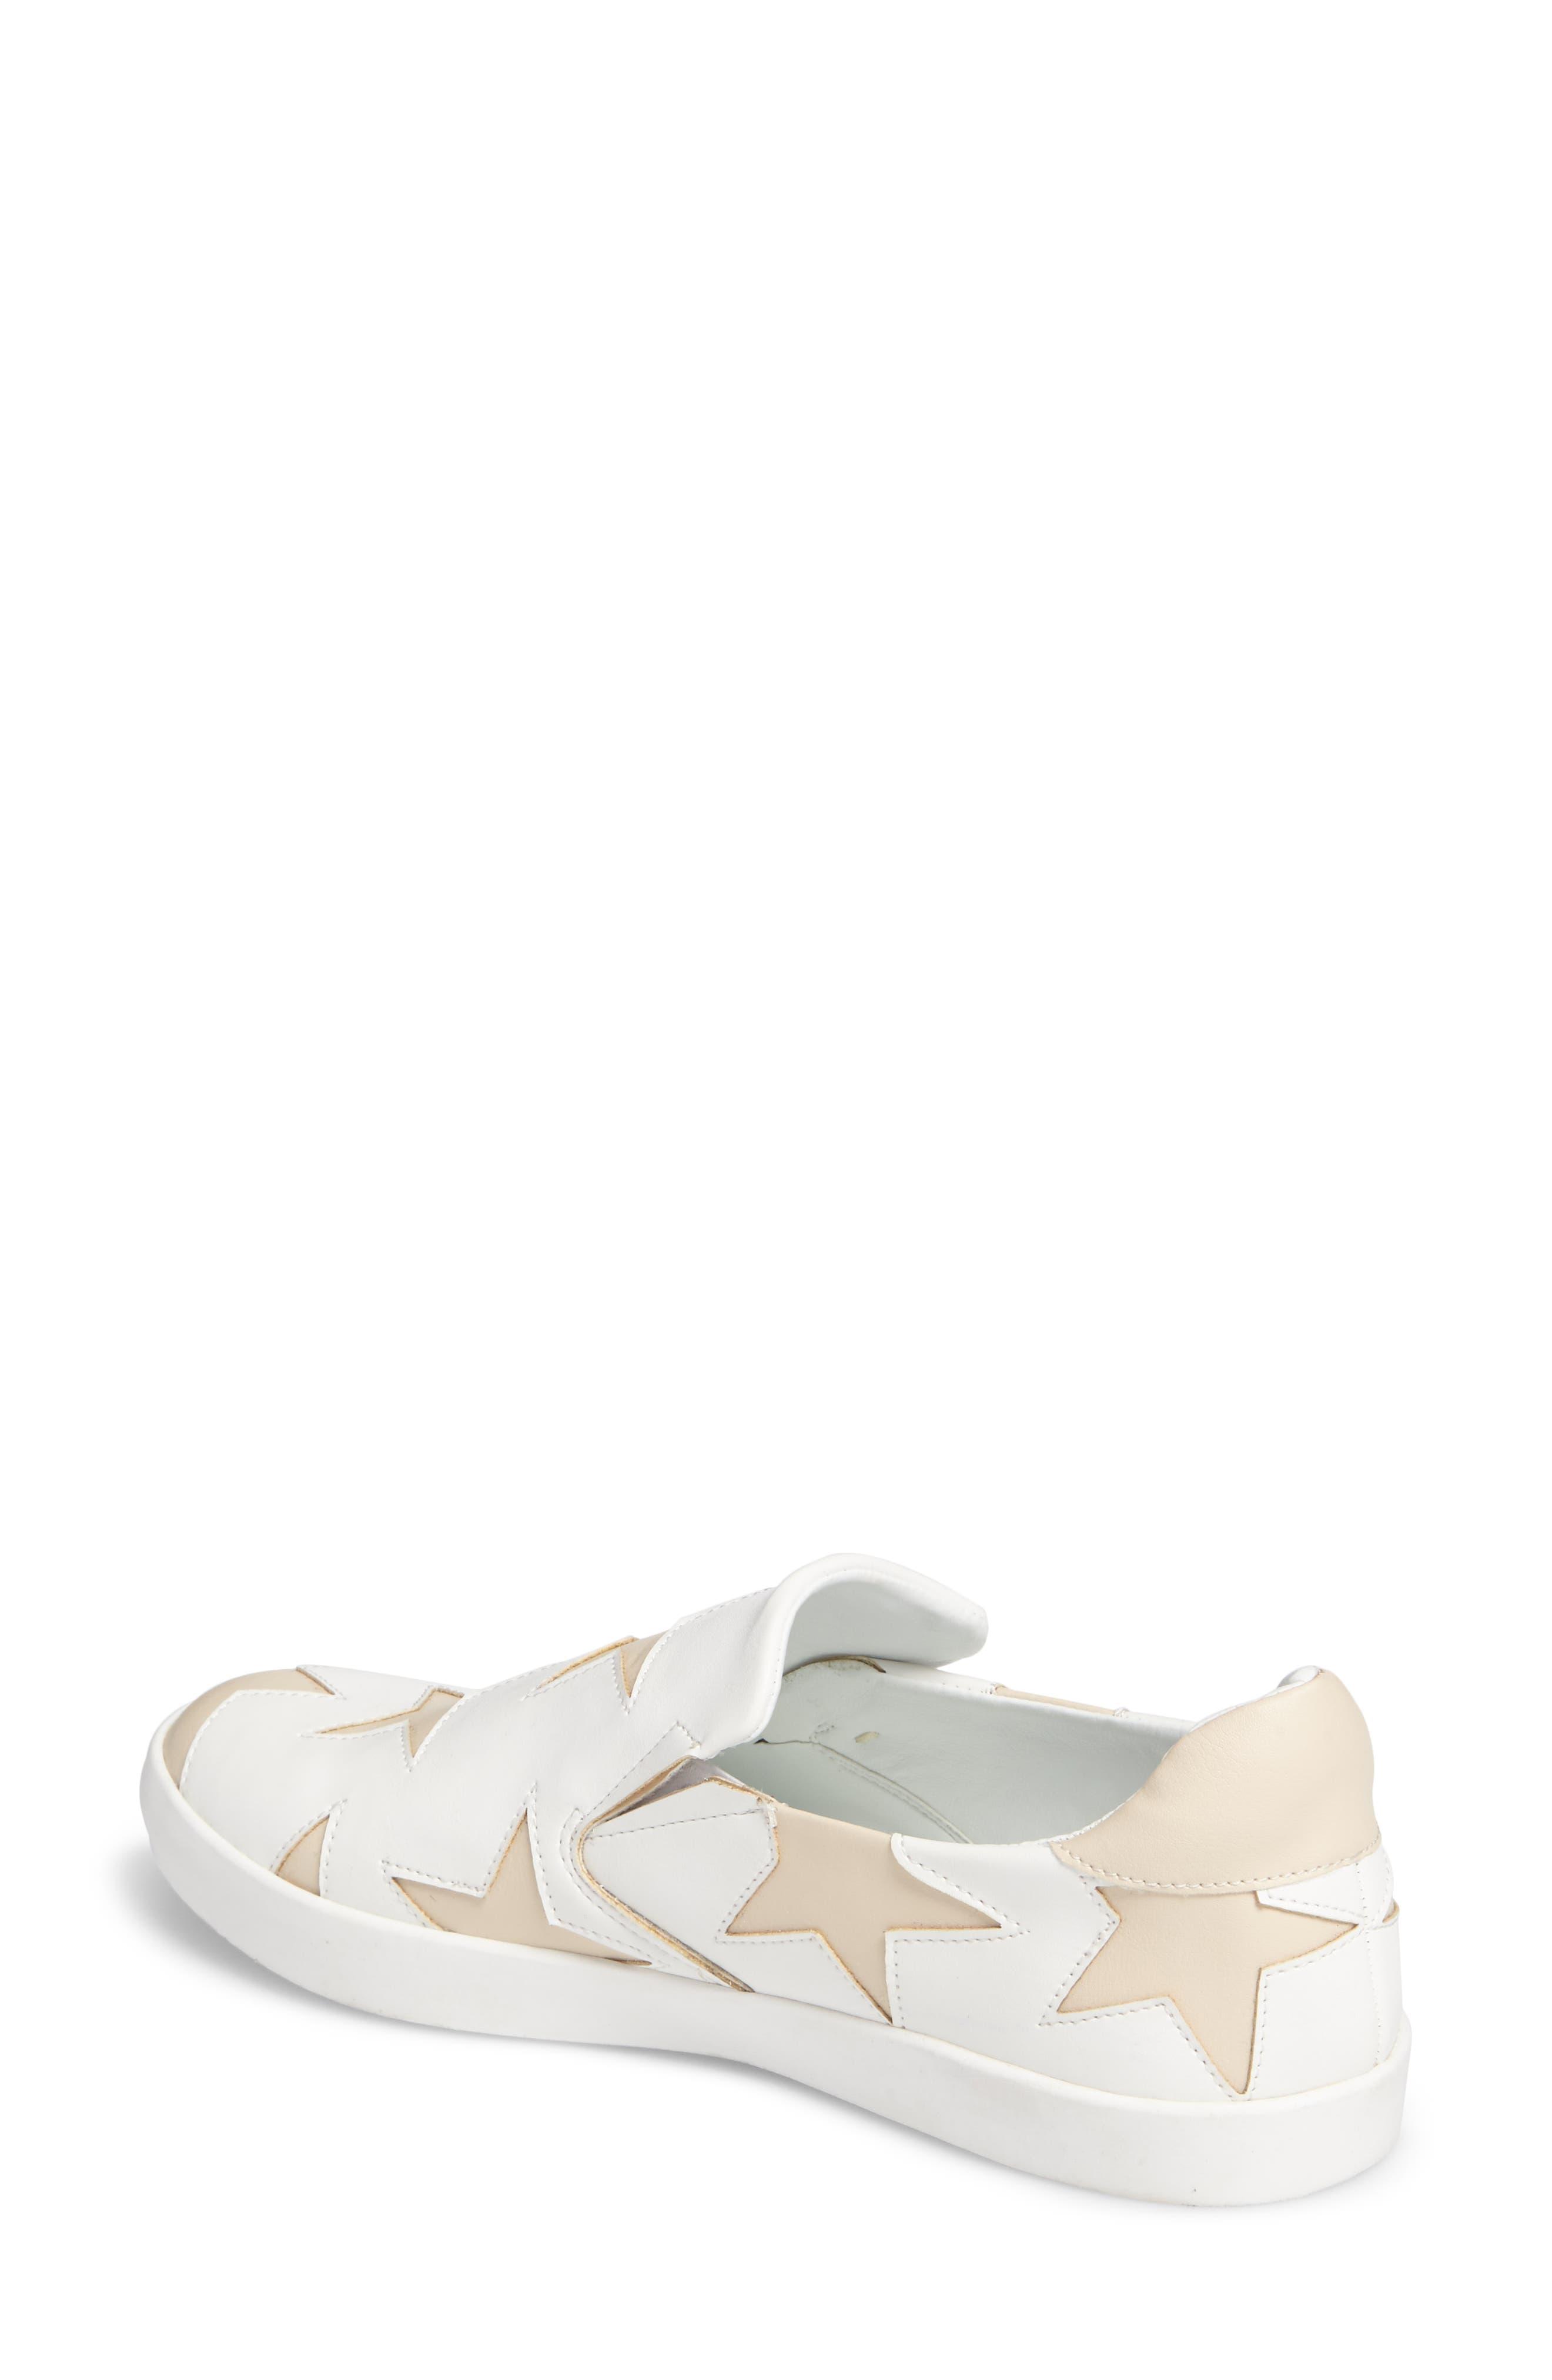 Highlight Slip-On Star Sneaker,                             Alternate thumbnail 2, color,                             White